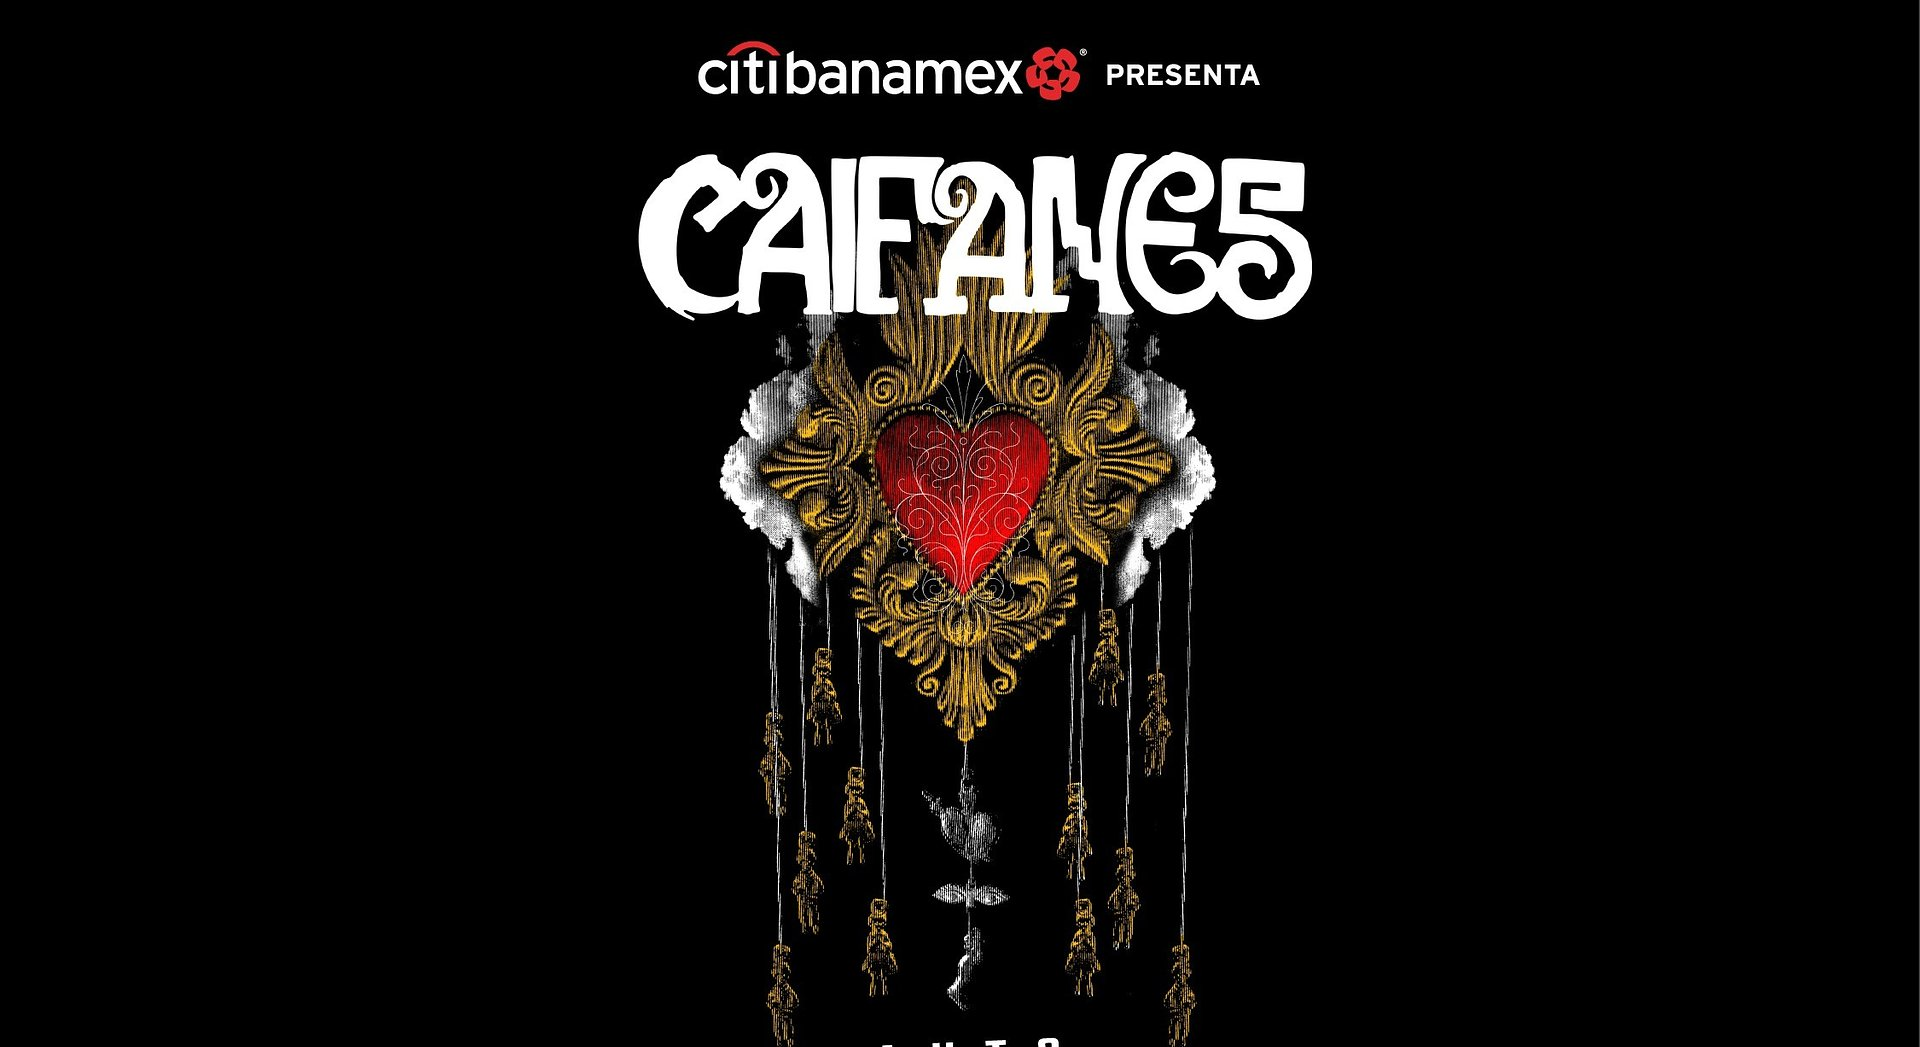 Por disposición oficial OCESA anuncia la reprogramación de los auto-conciertos de Caifanes, presentados por Citibanamex, en la Ciudad de México